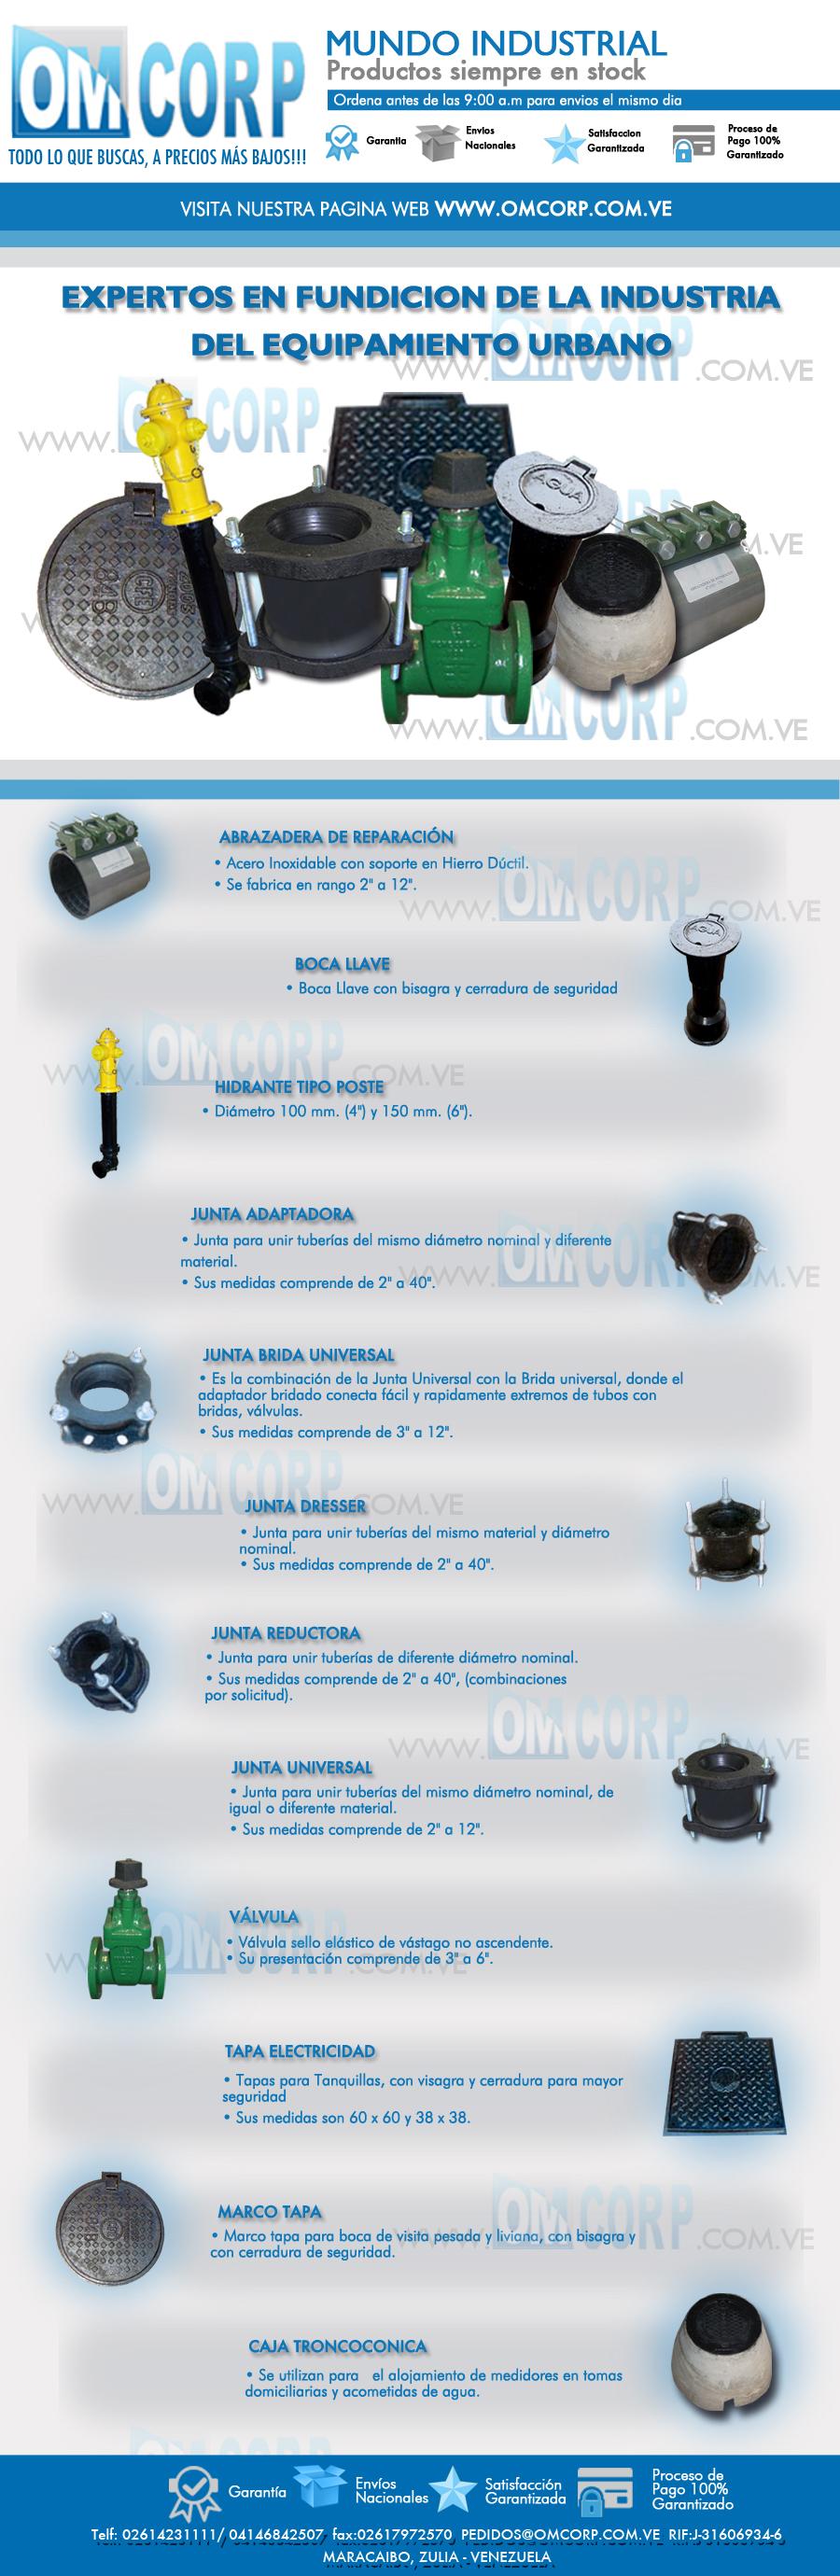 Válvulas Compuerta Vastago Junta Universal Hidrantes Tapa